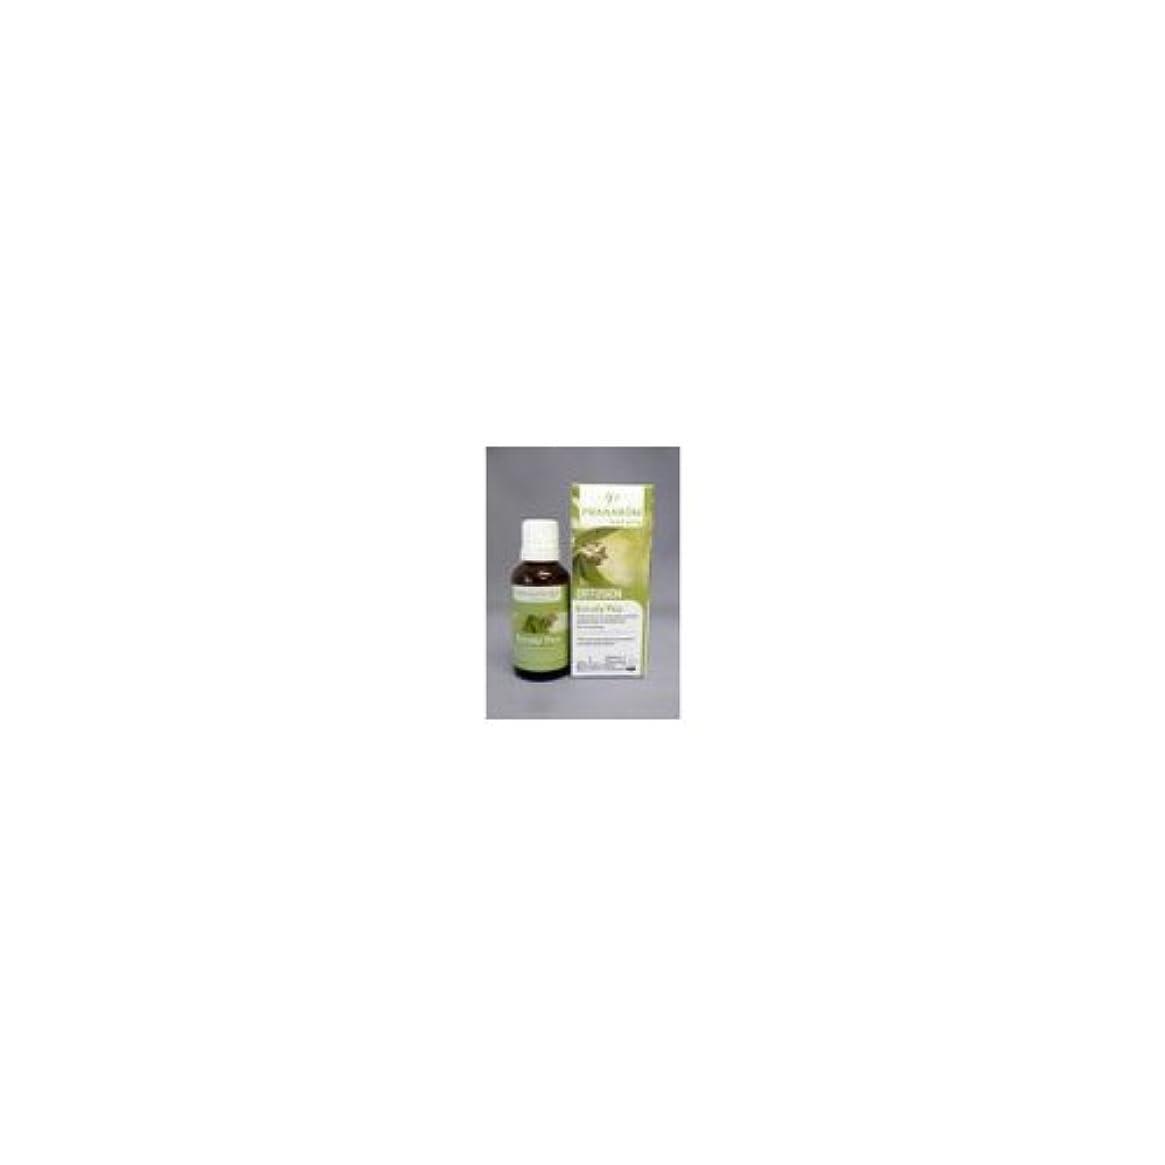 カイウスガイドライン伝染病胸一杯のフレッシュエア ユーカリプラス(30mg)/プラナロム社のエアフレッシュナー